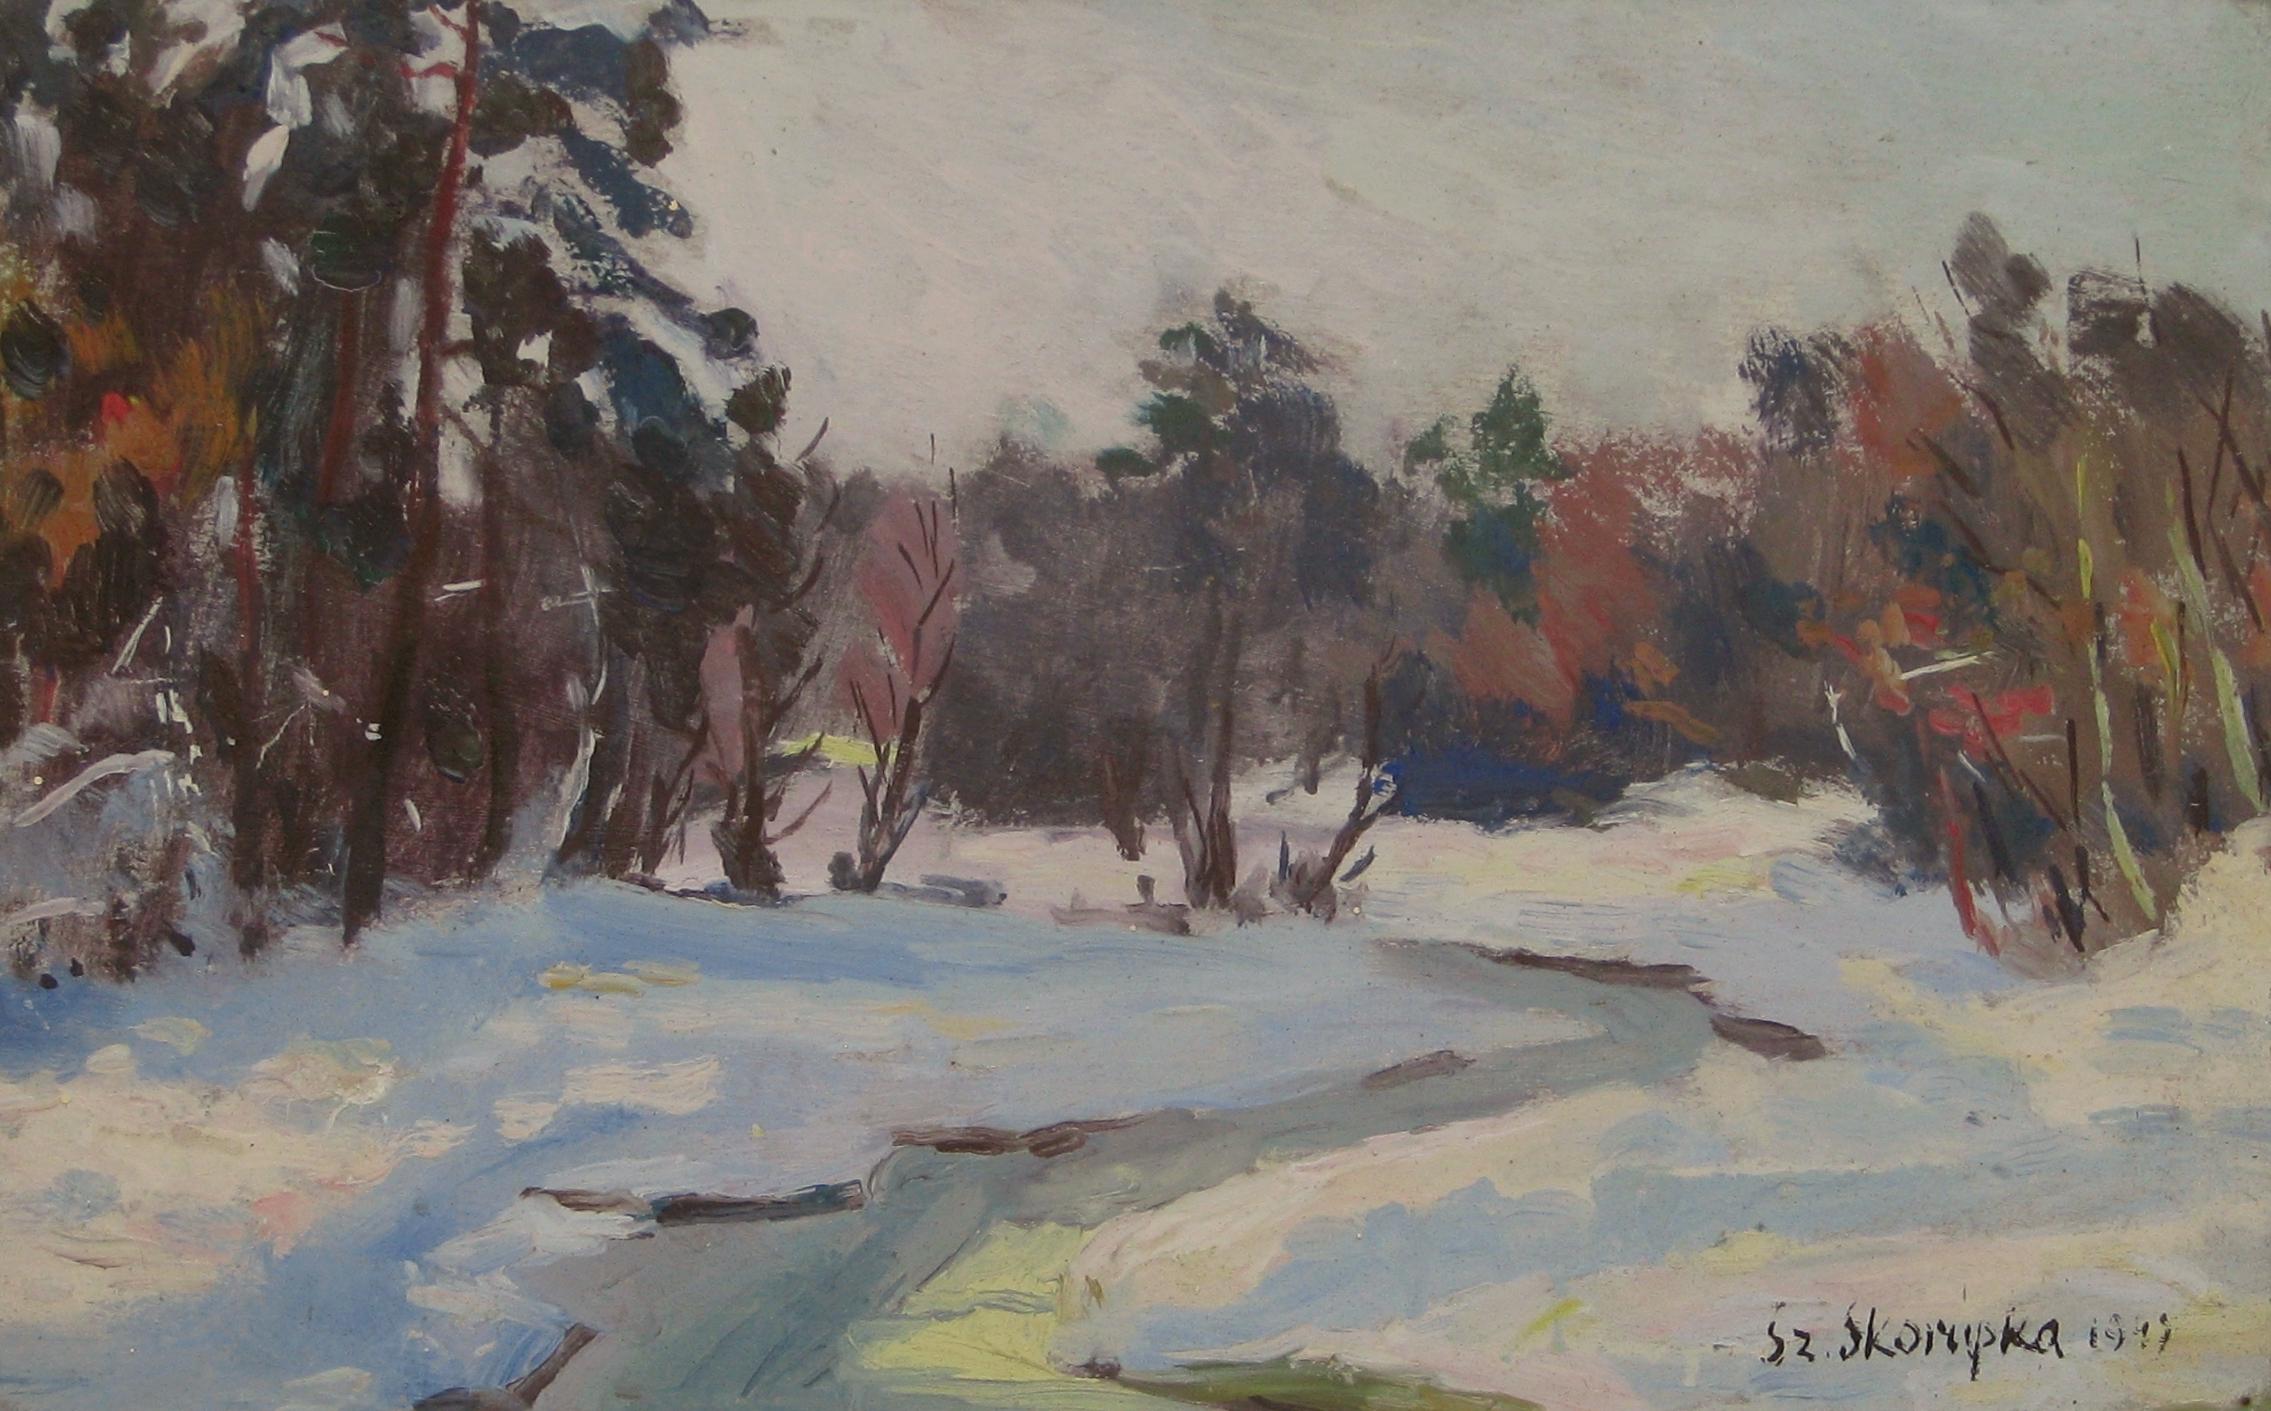 Skorupka Szczepan (1903-1997), Pejzaż zimowy, 1947